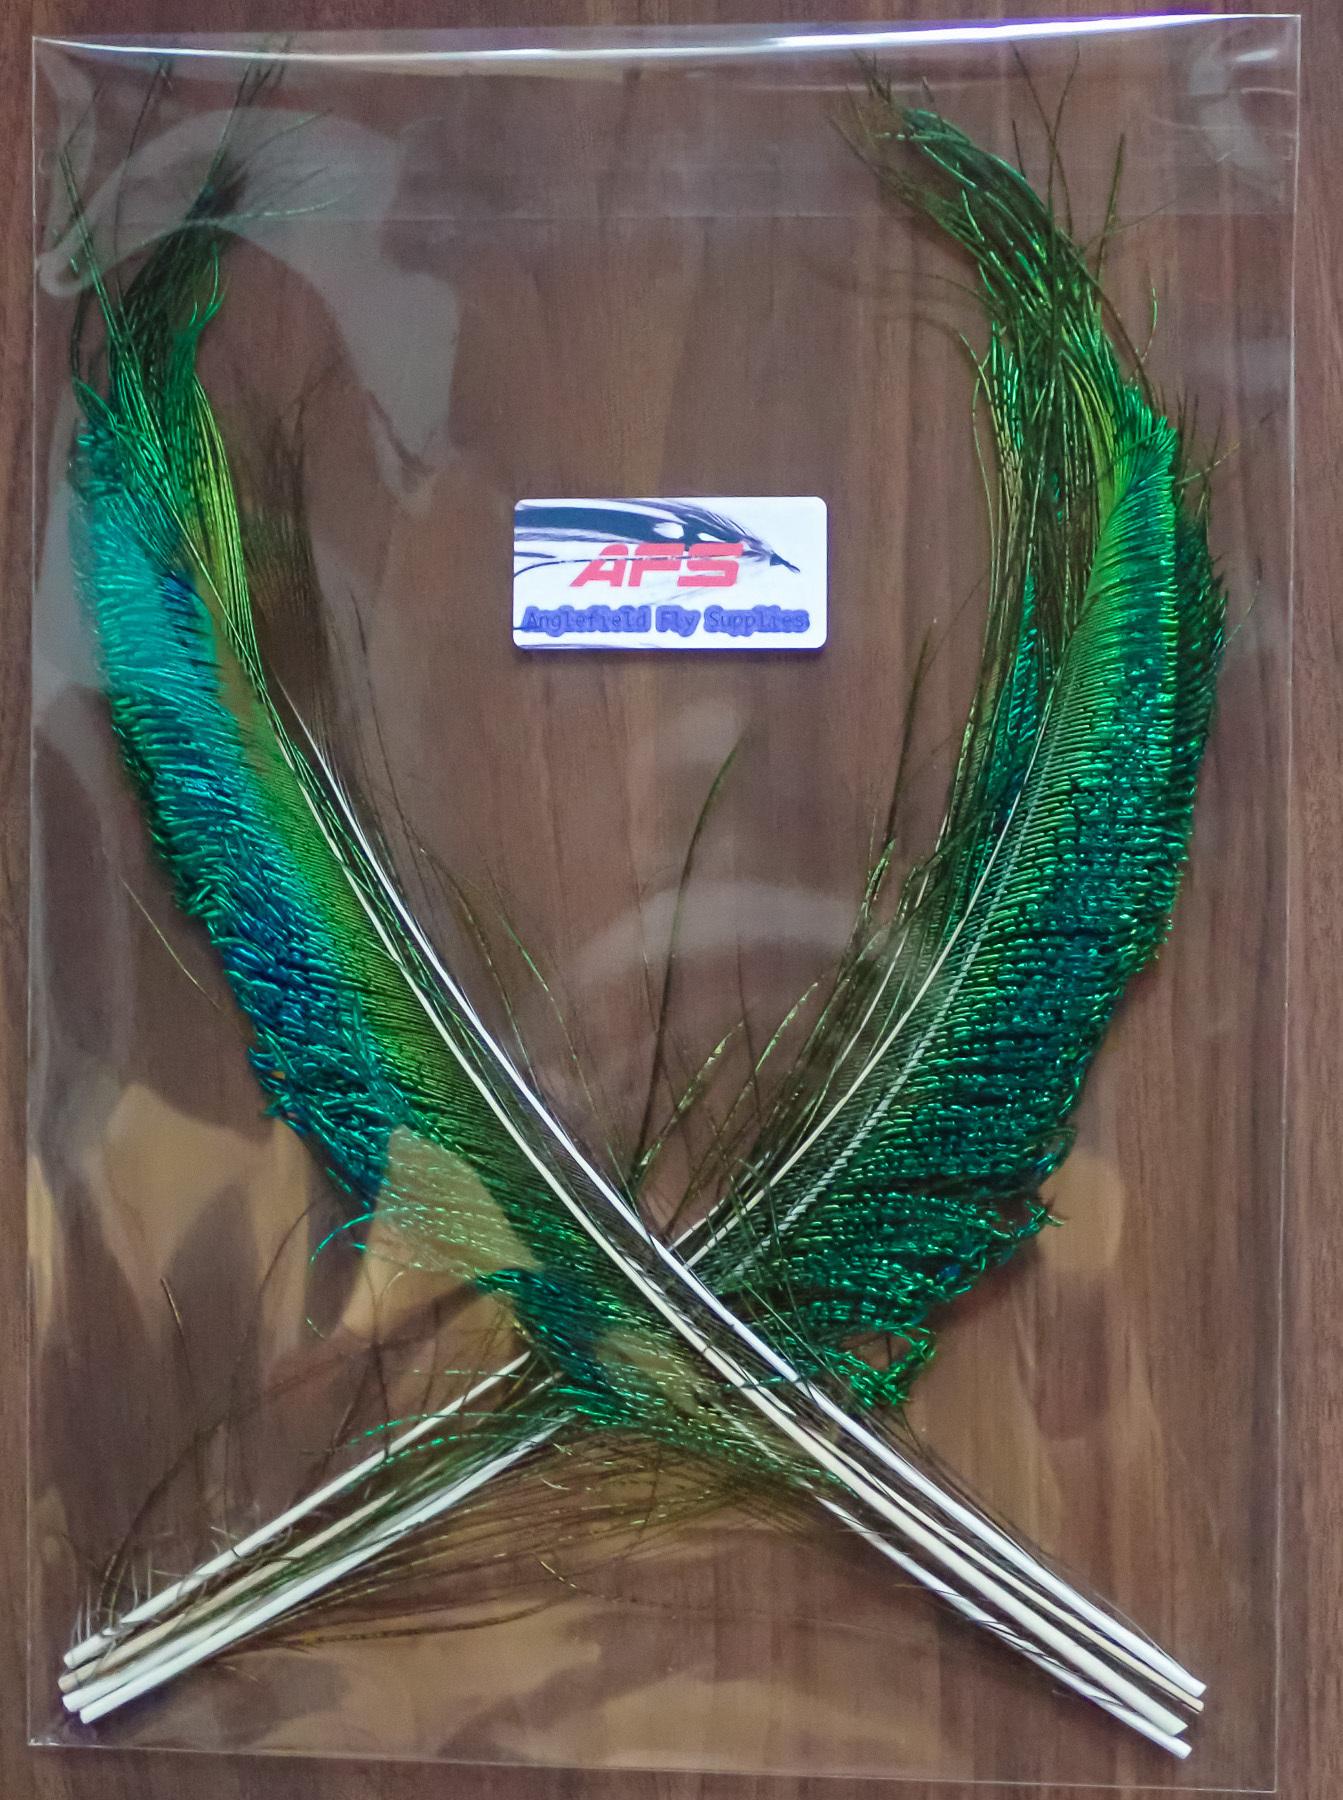 Peacock Sword 4 pair ( 8pcs ) / ピーコックスウォード 8本(4ペア)